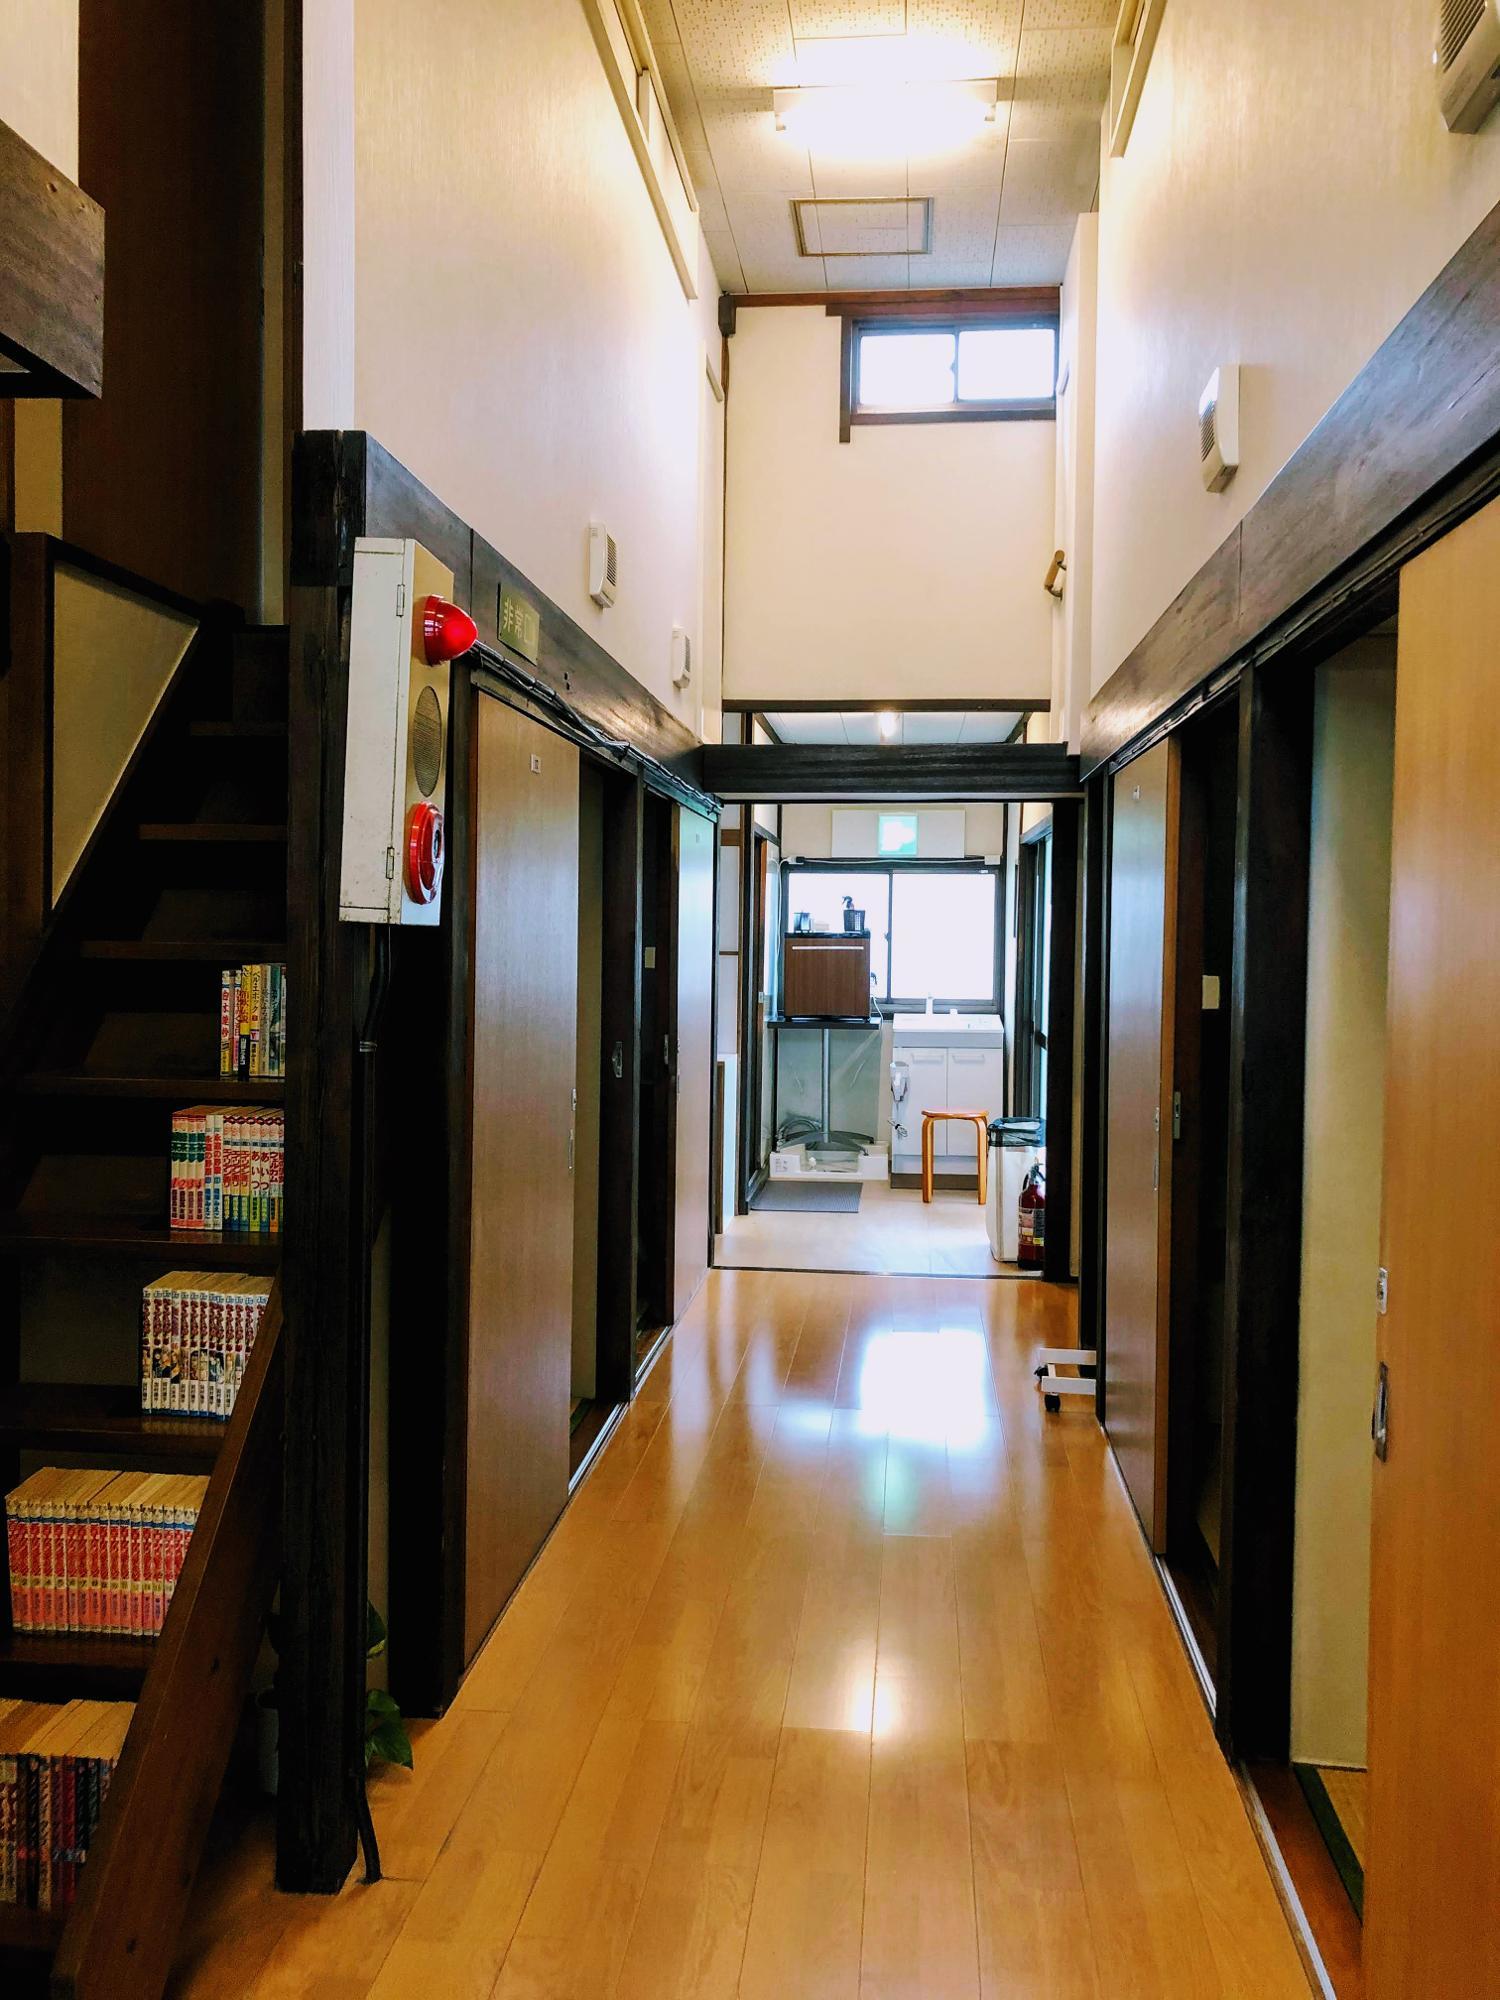 掃除が行き届いている館内、子どもと一緒に泊まるのも面白そう、個室はもちろん施錠できる